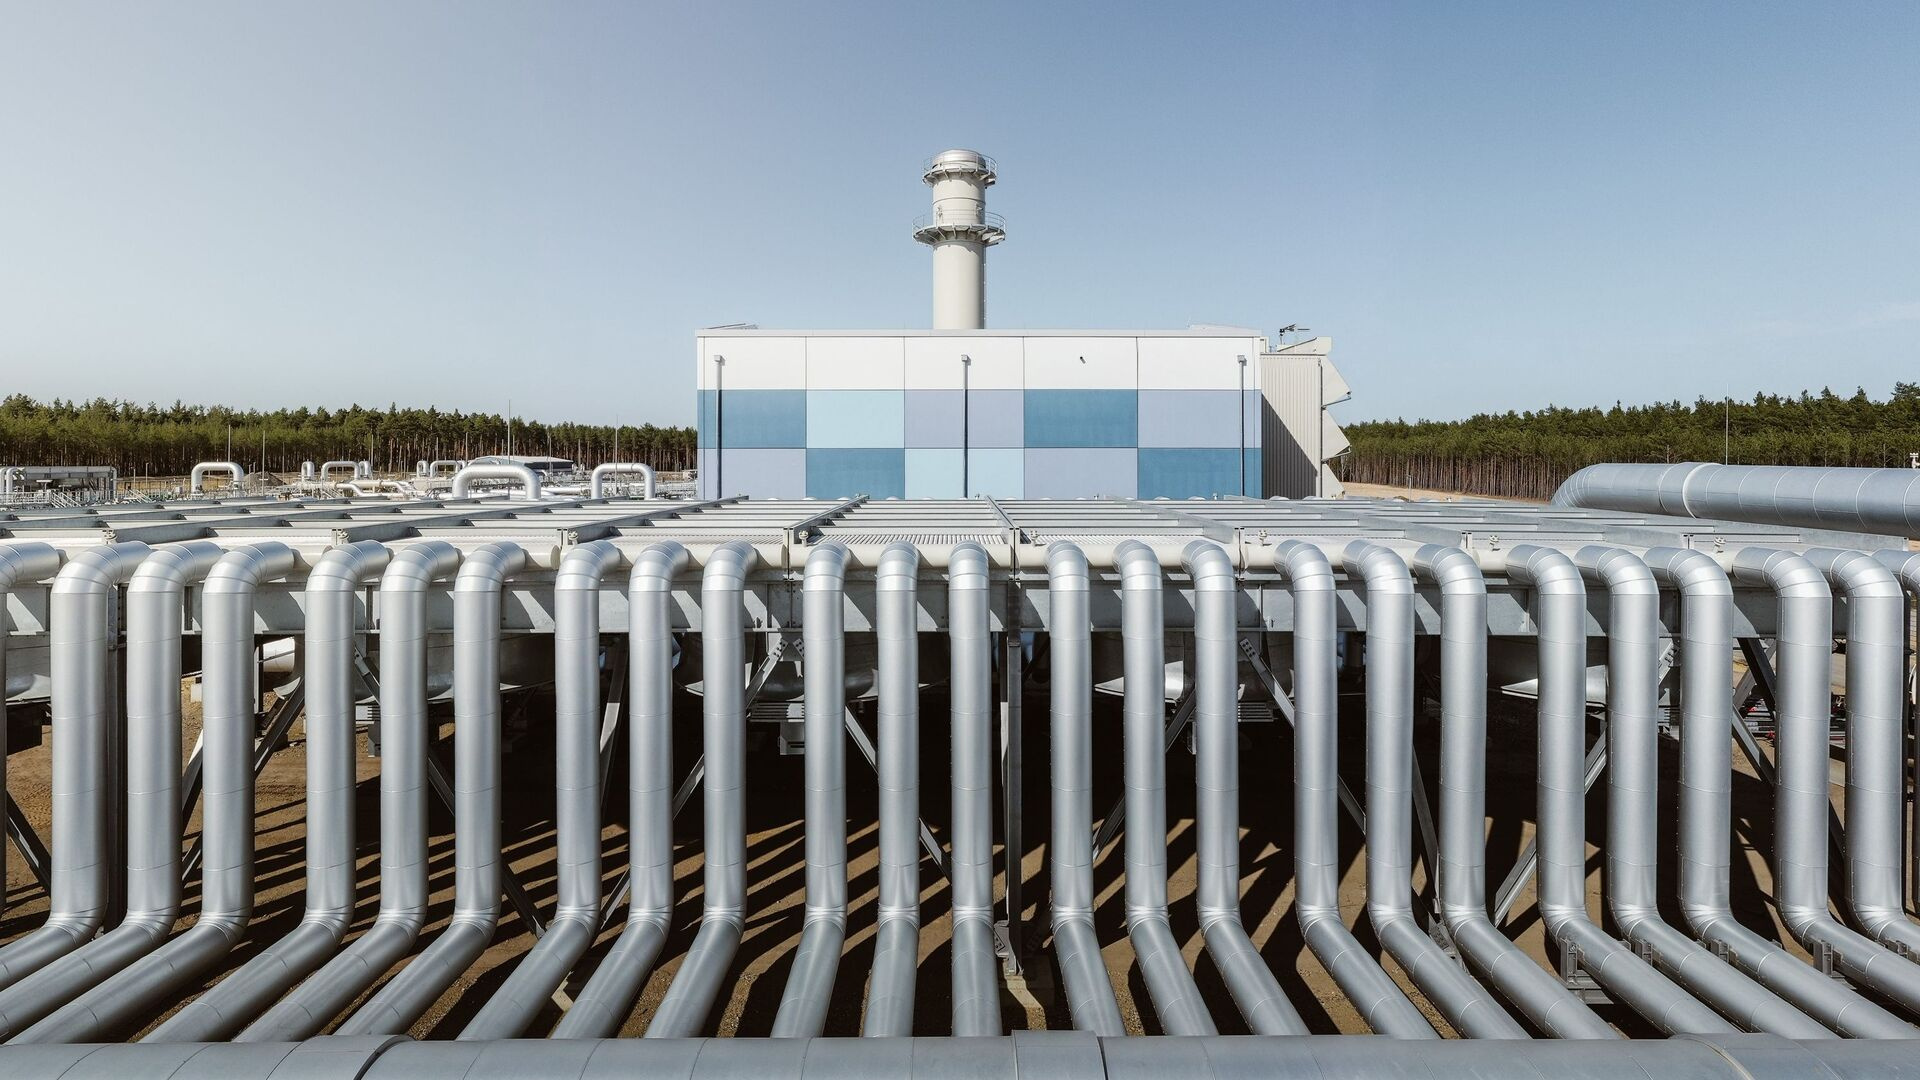 Stavba plynovodu Nord Stream 2 v Německu. Ilustrační foto - Sputnik Česká republika, 1920, 18.09.2021